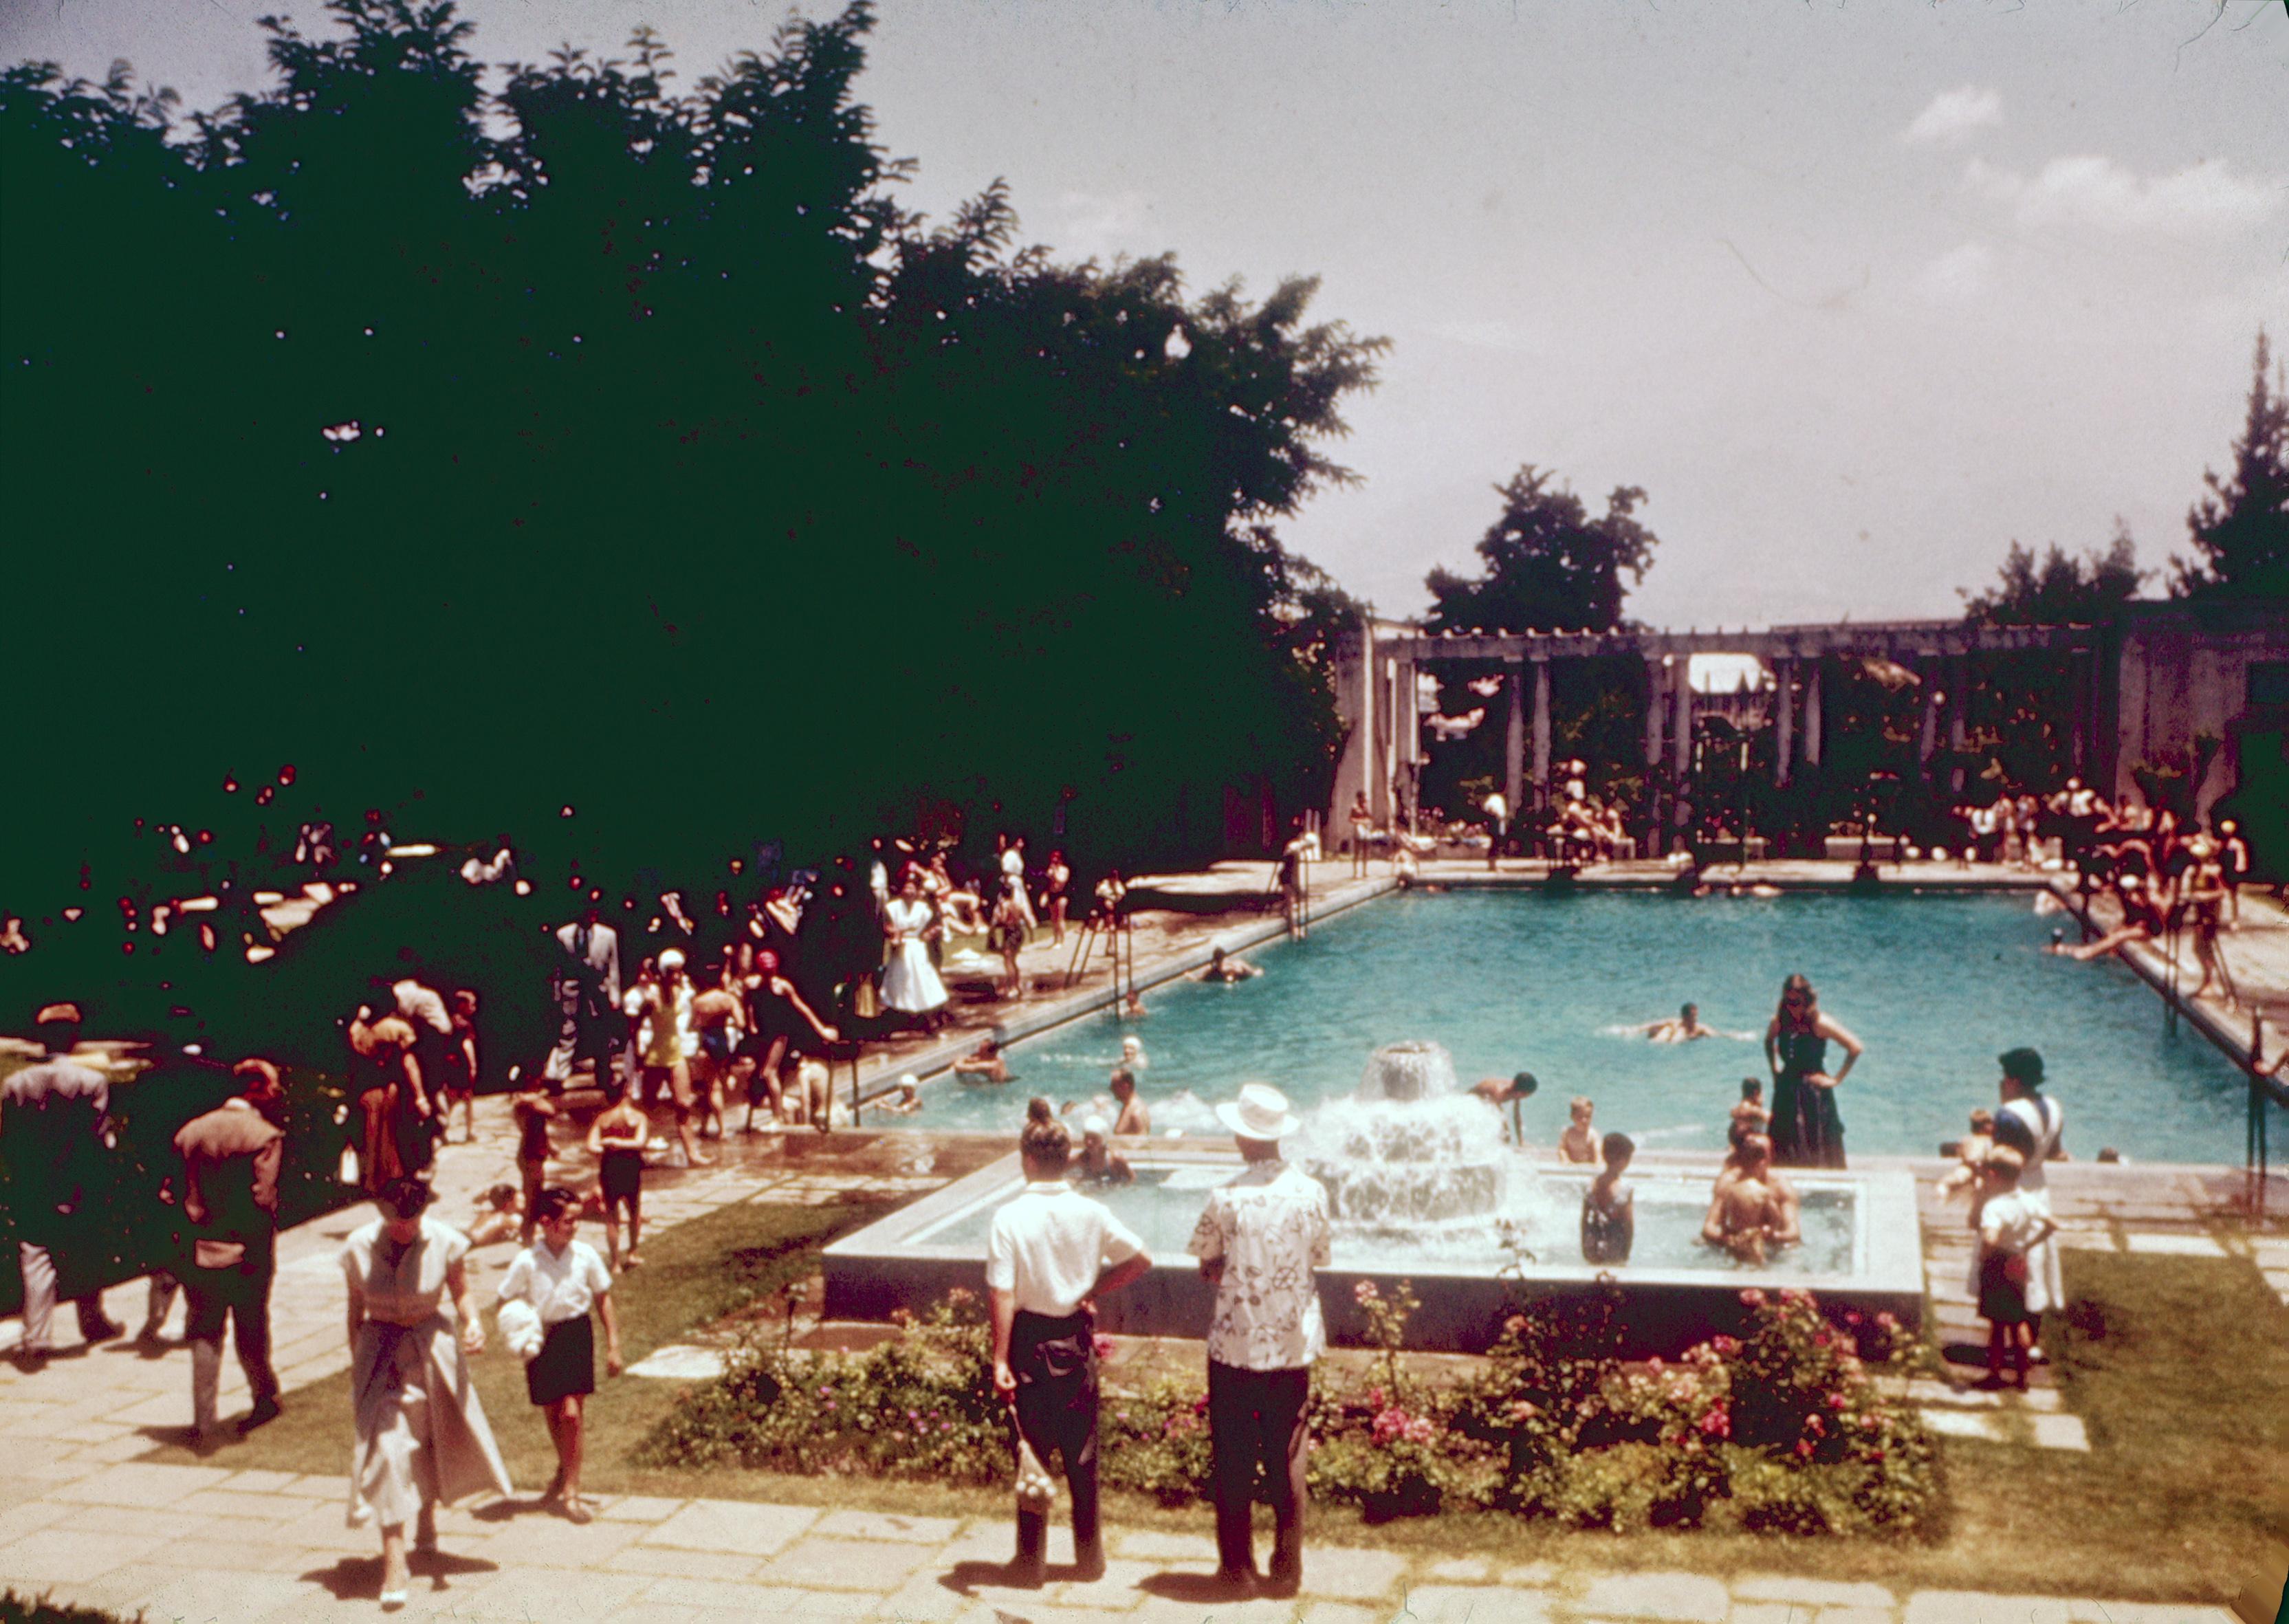 Enterreno - Fotos históricas de chile - fotos antiguas de Chile - Piscina Club de Golf Los Leones en los 60's